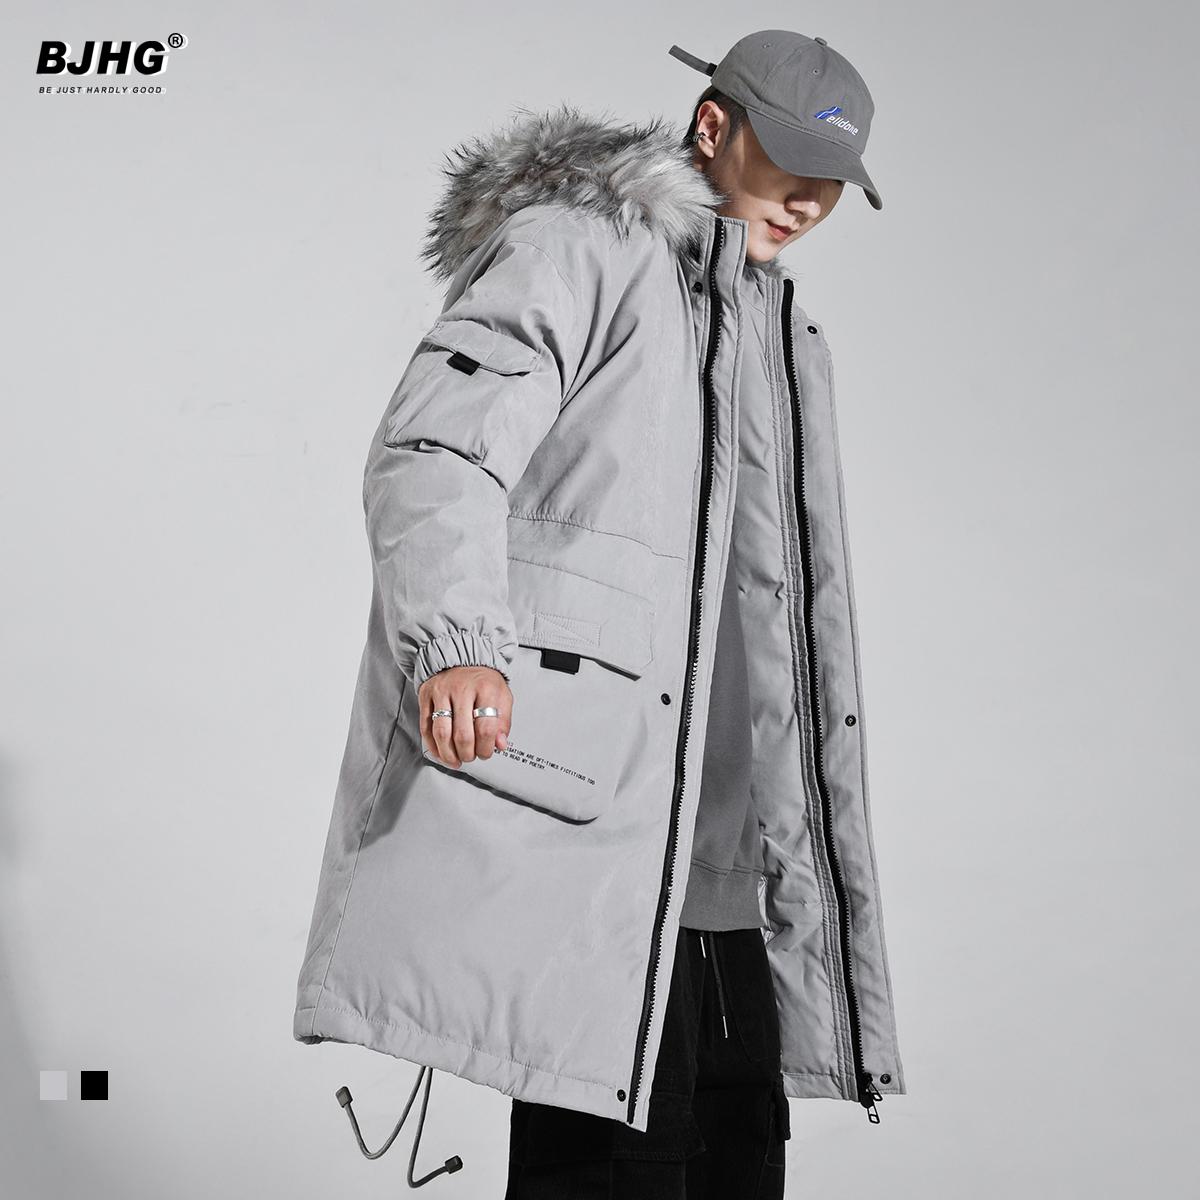 BJHG冬季中长款毛领连帽棉衣男潮牌防风宽松加厚保暖工装情侣棉袄